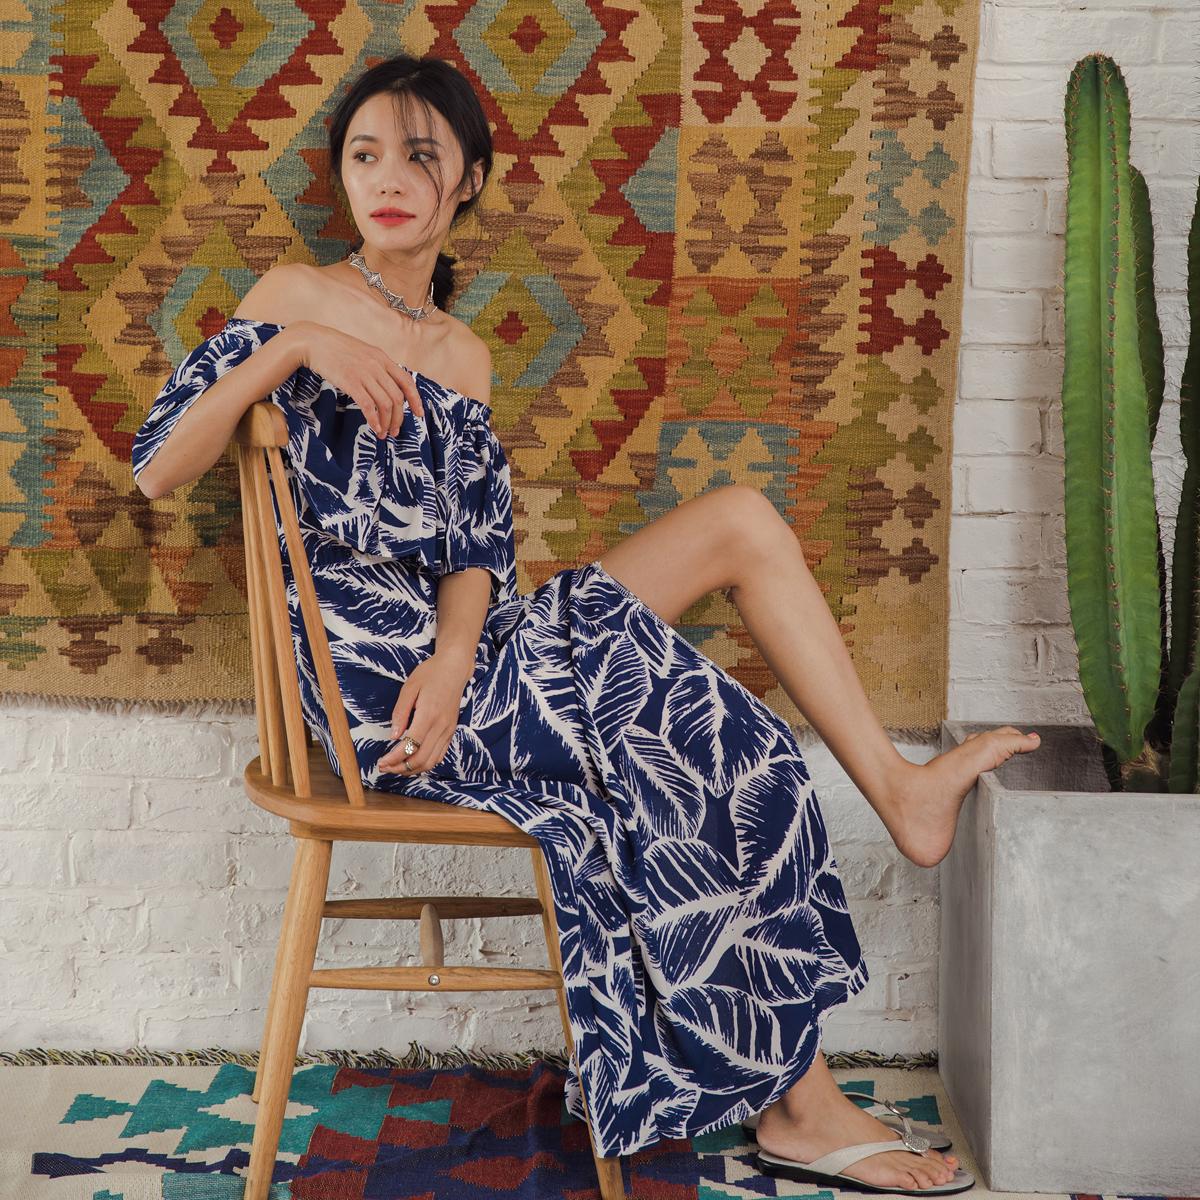 度假女王名媛波西米亚民族风印花沙滩裙一字肩连衣裙开叉性感长裙